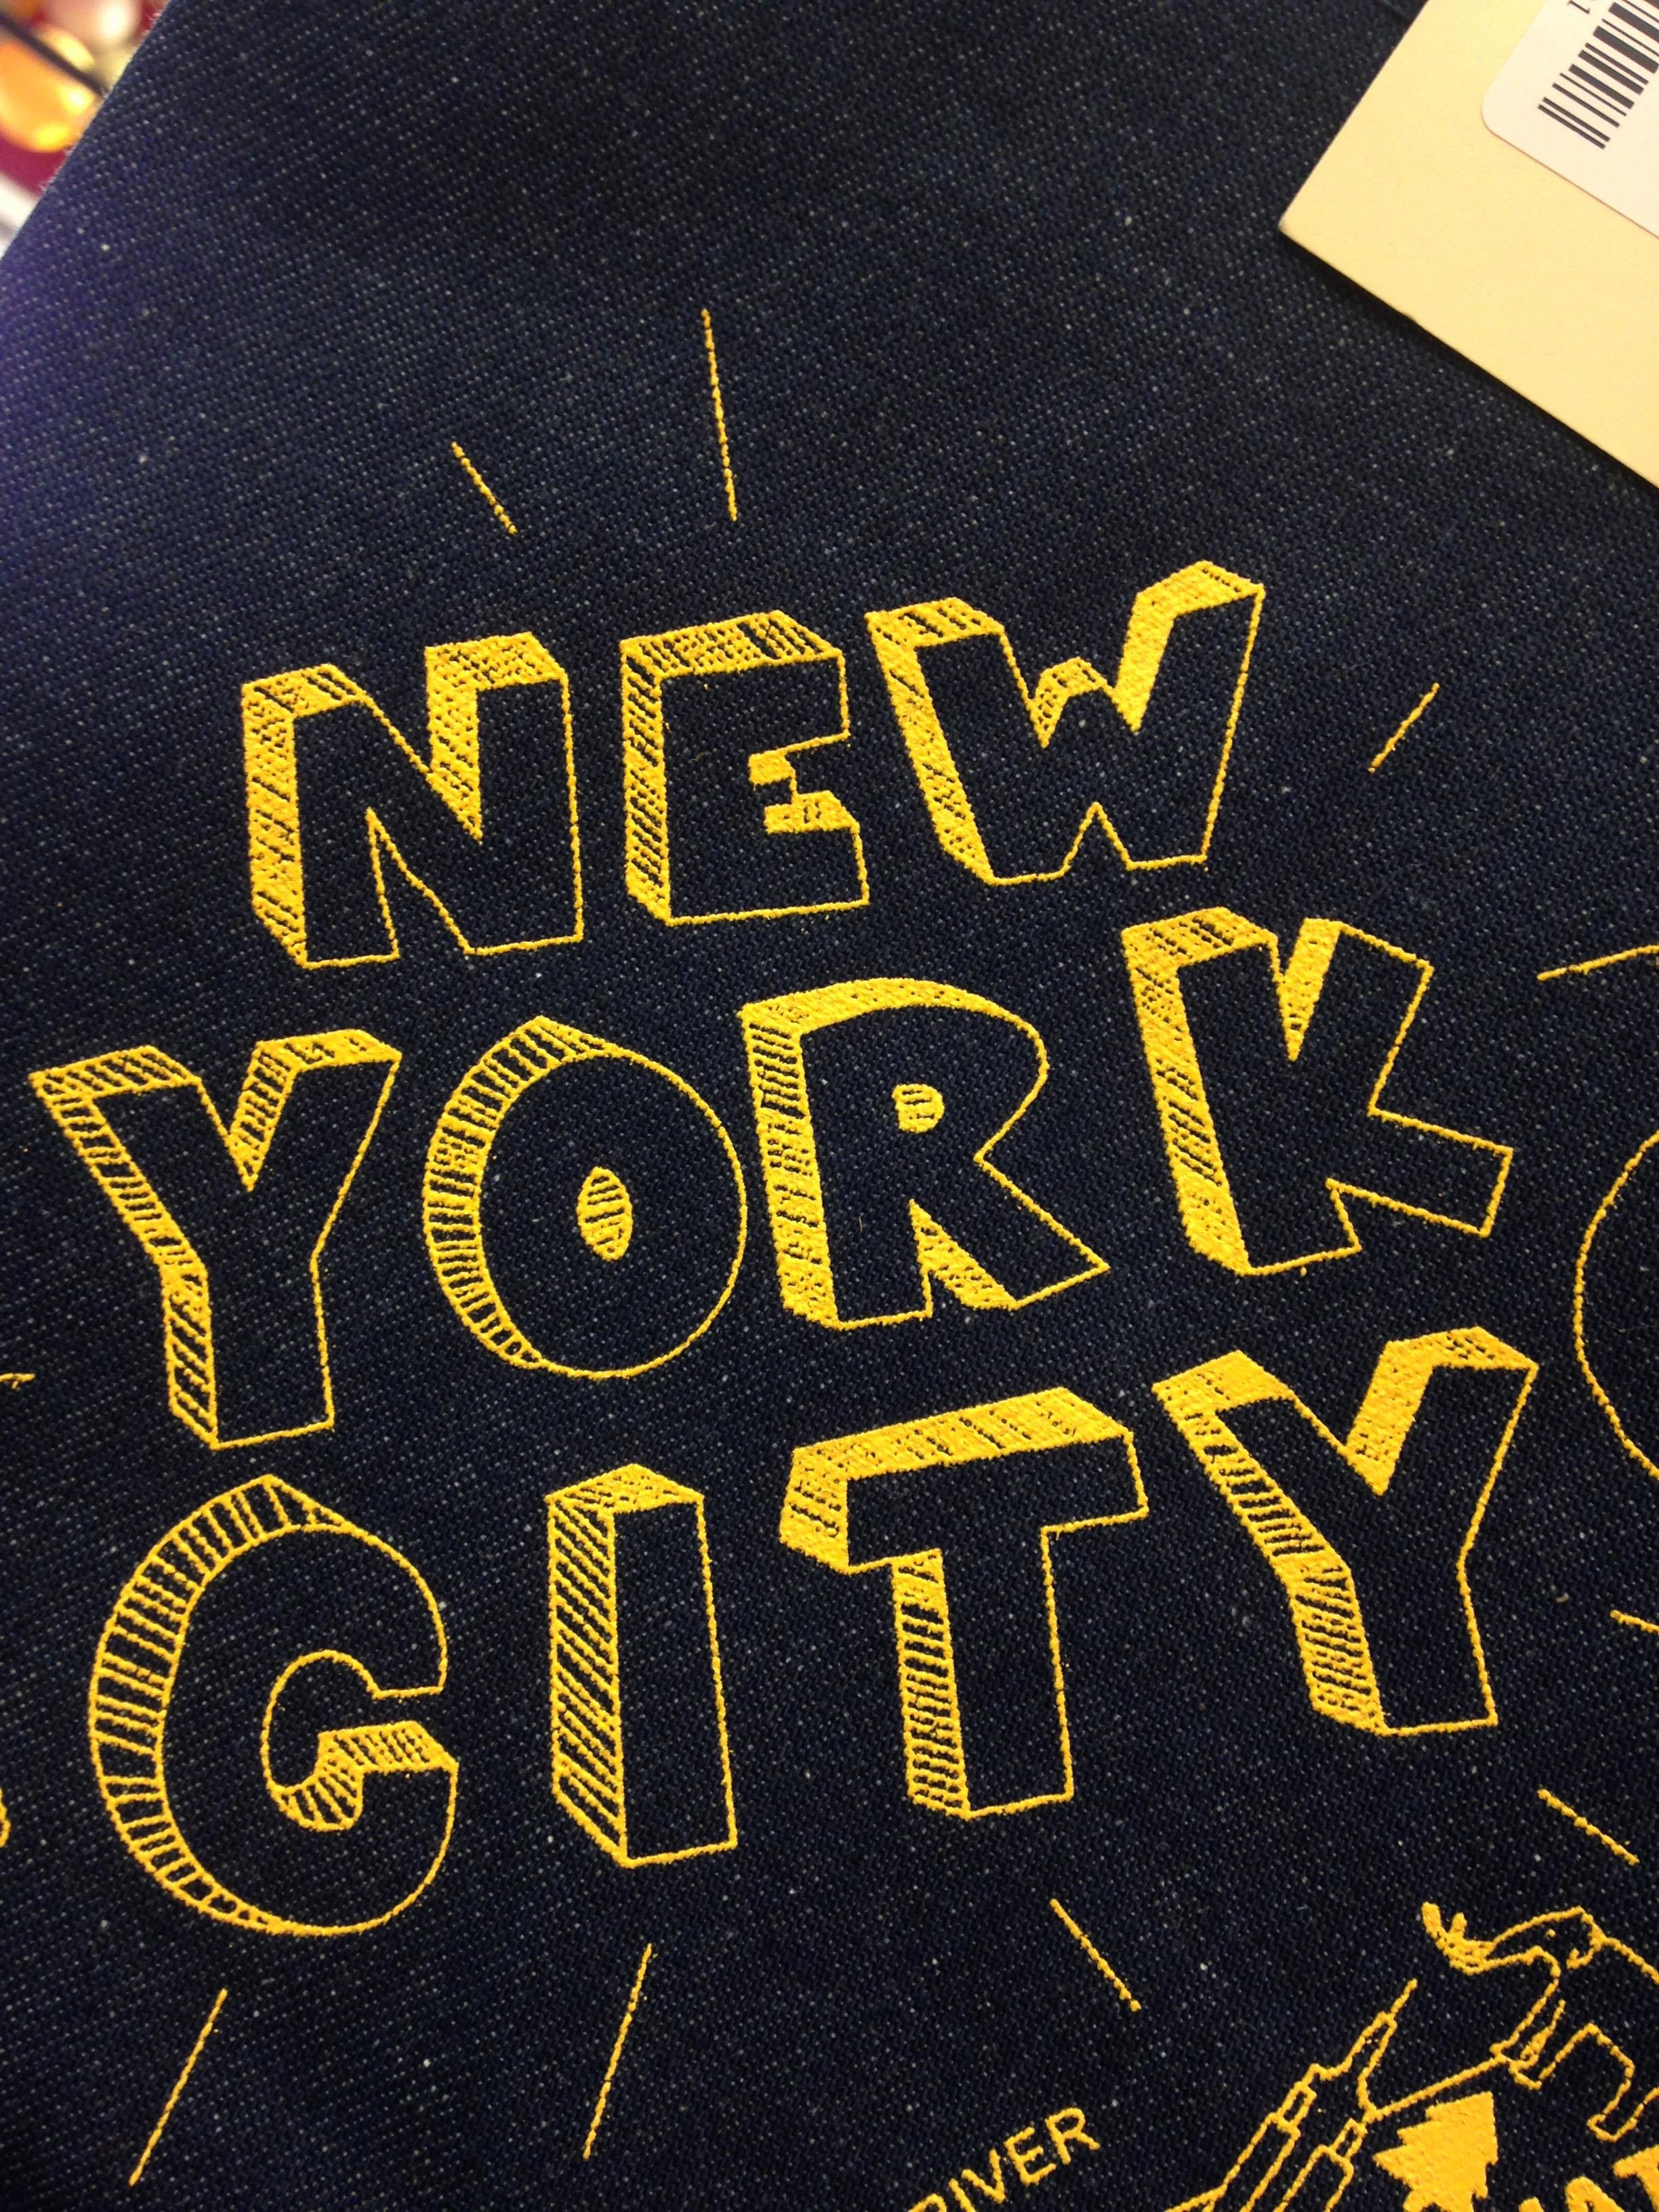 NYCfont.jpg